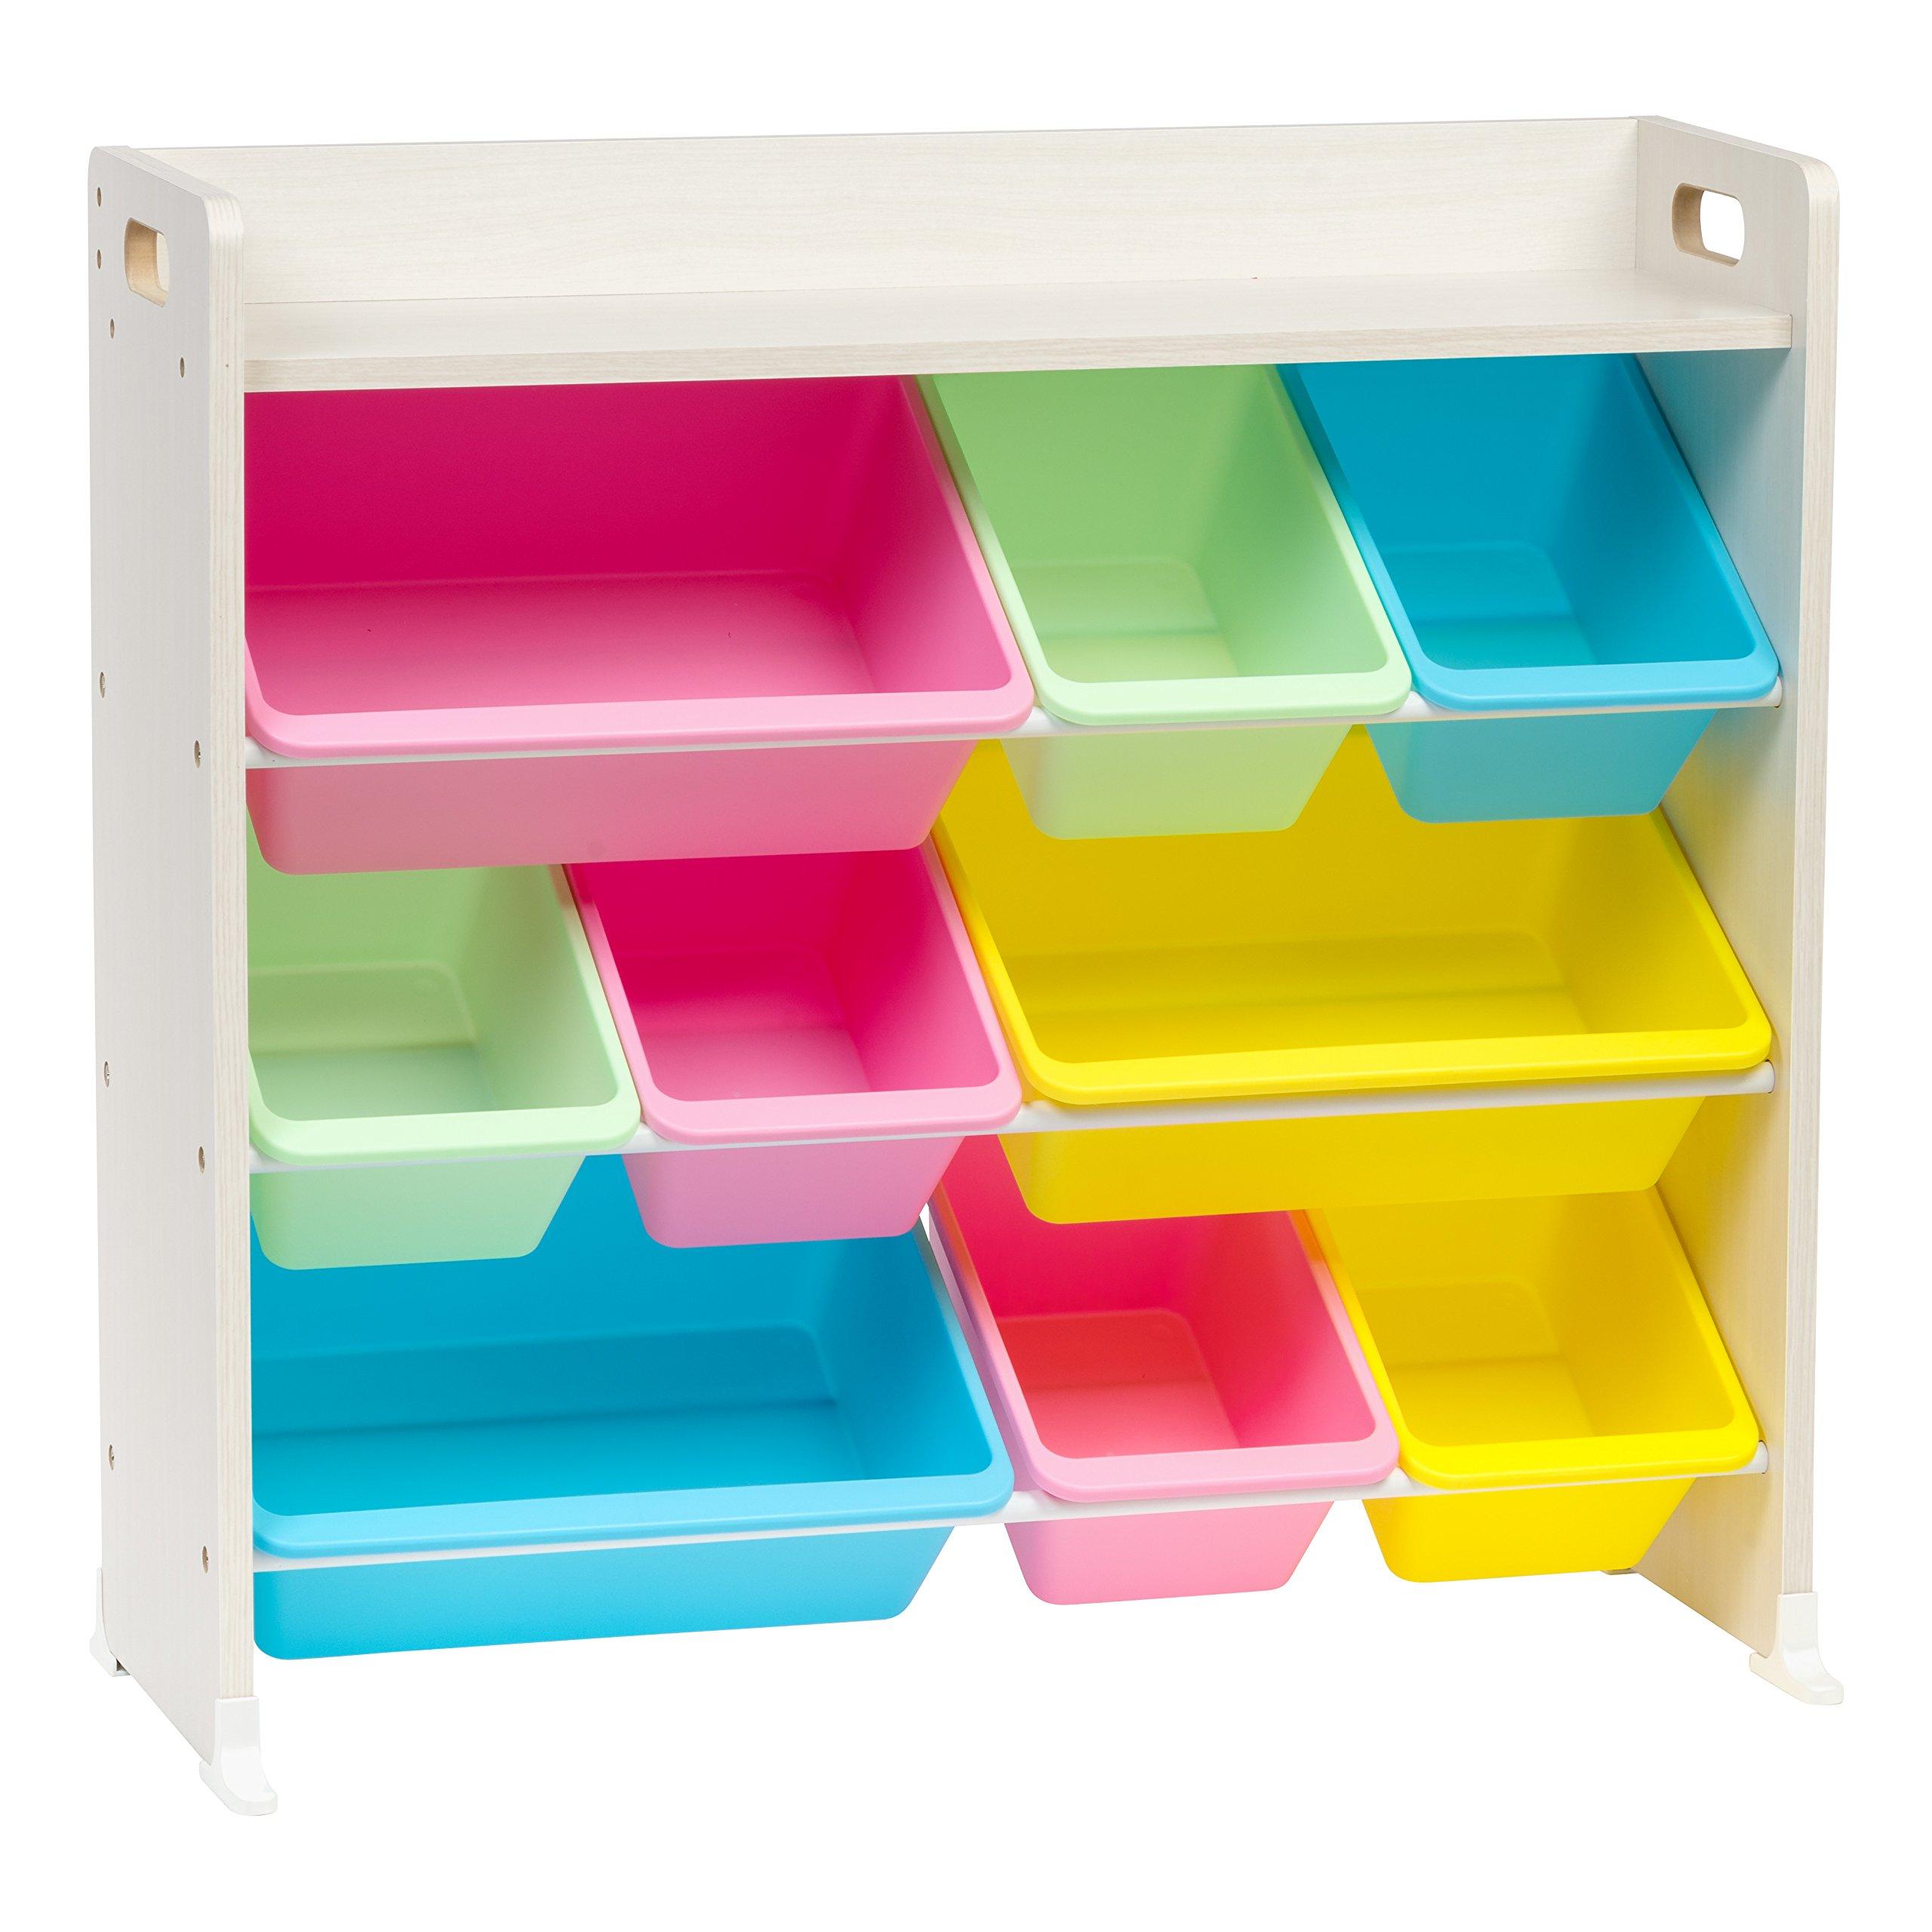 IRIS 3-Tier Storage Bin Rack with Shelf, Pastel by IRIS USA, Inc.